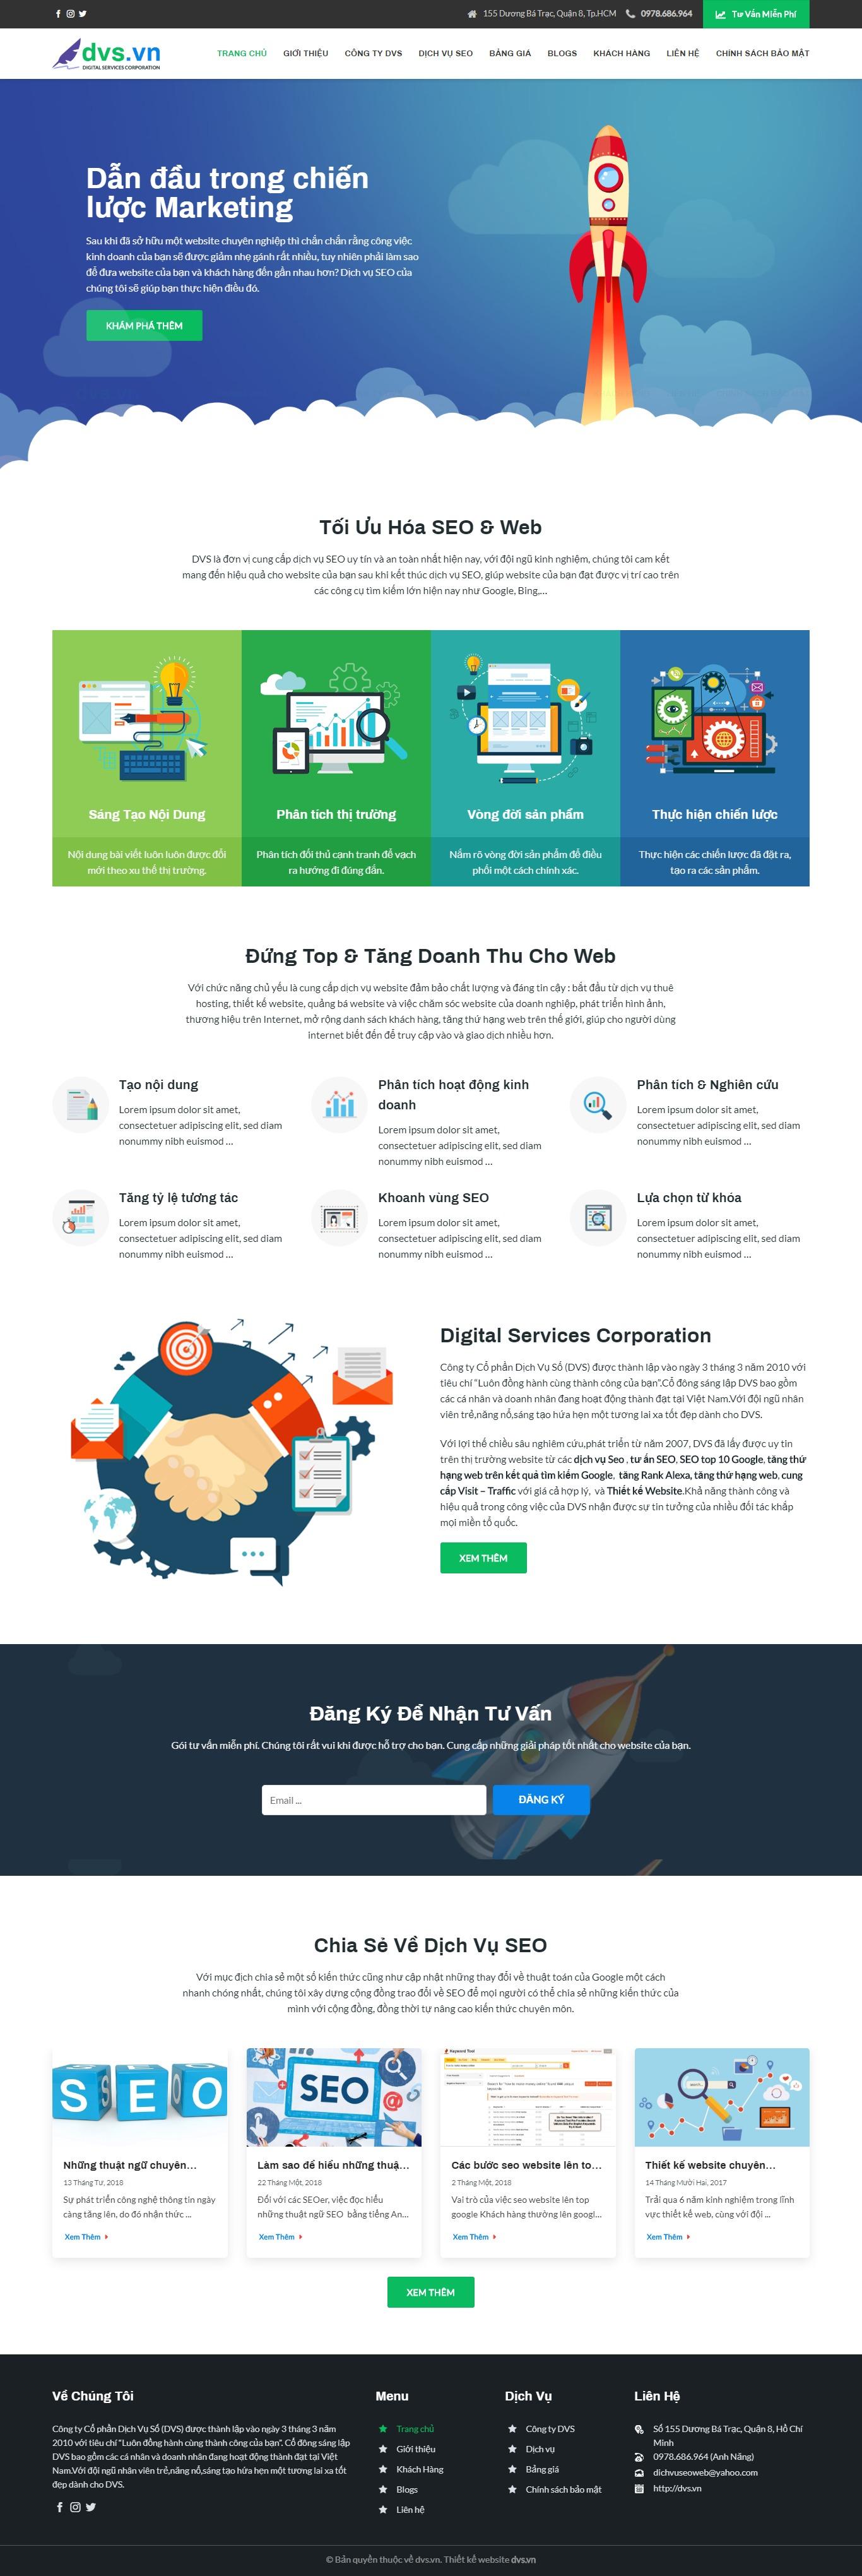 Mẫu website giới thiệu công ty SEO giống DVS